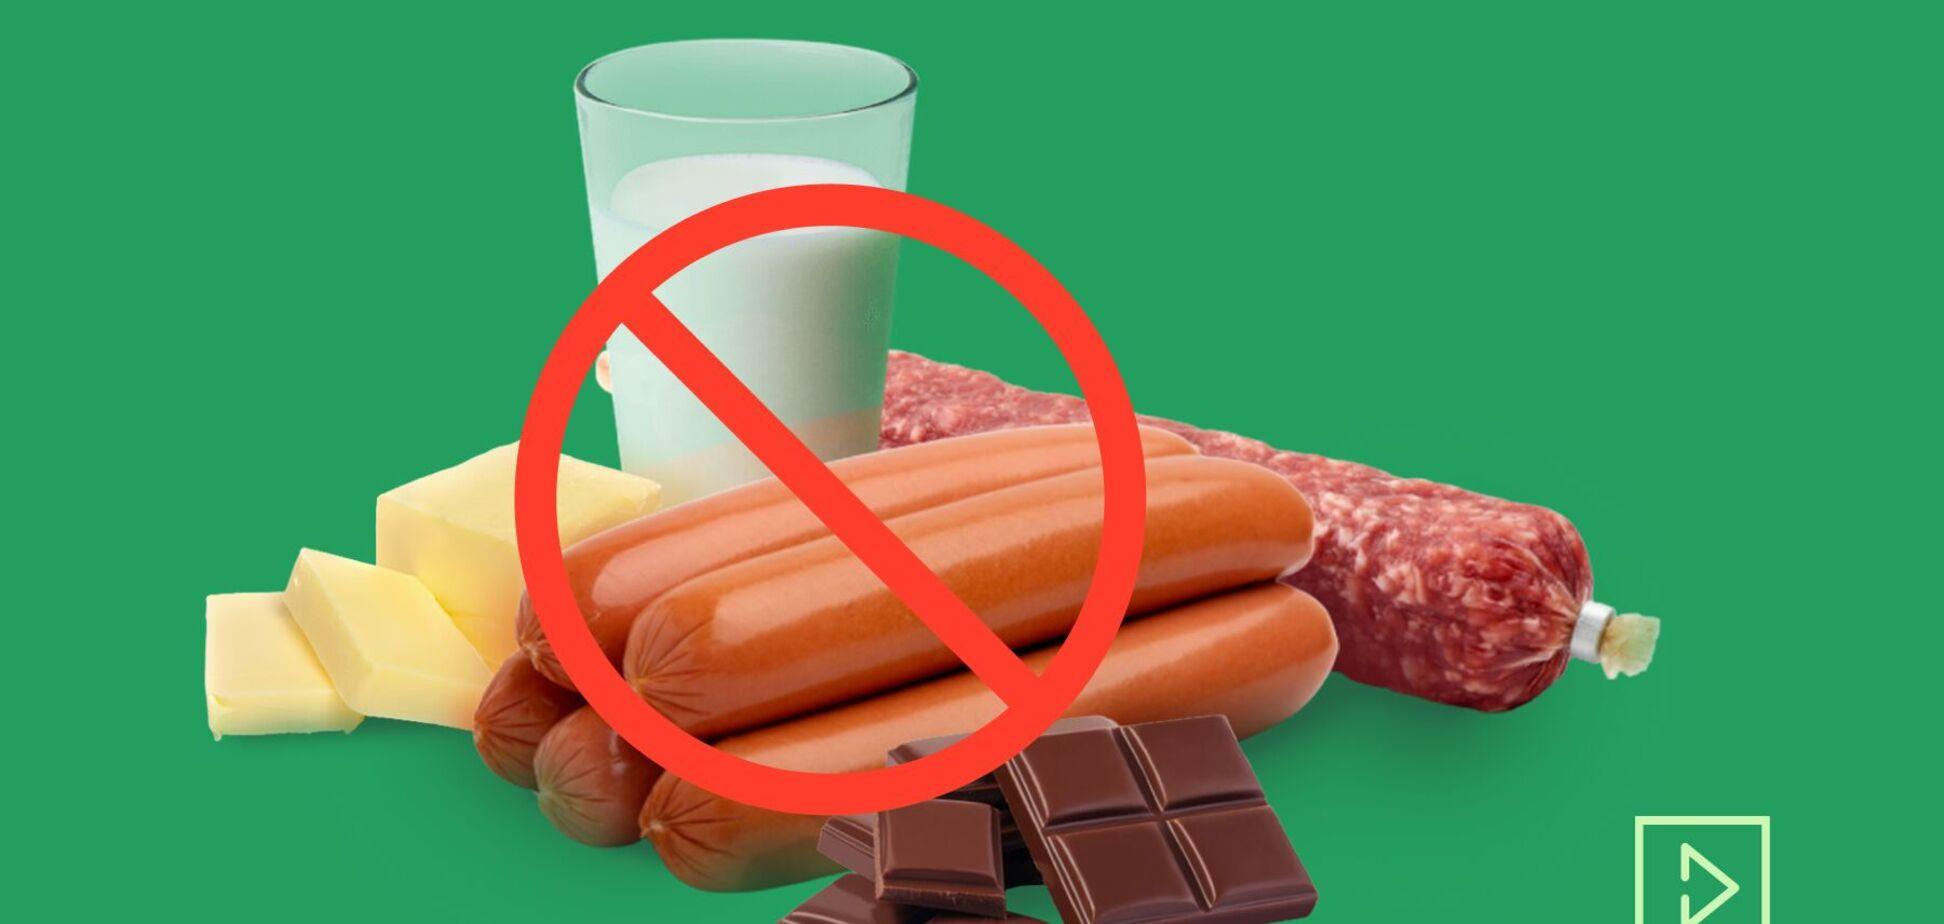 Українці назвали топ-10 продуктів харчування, які викликають у них недовіру